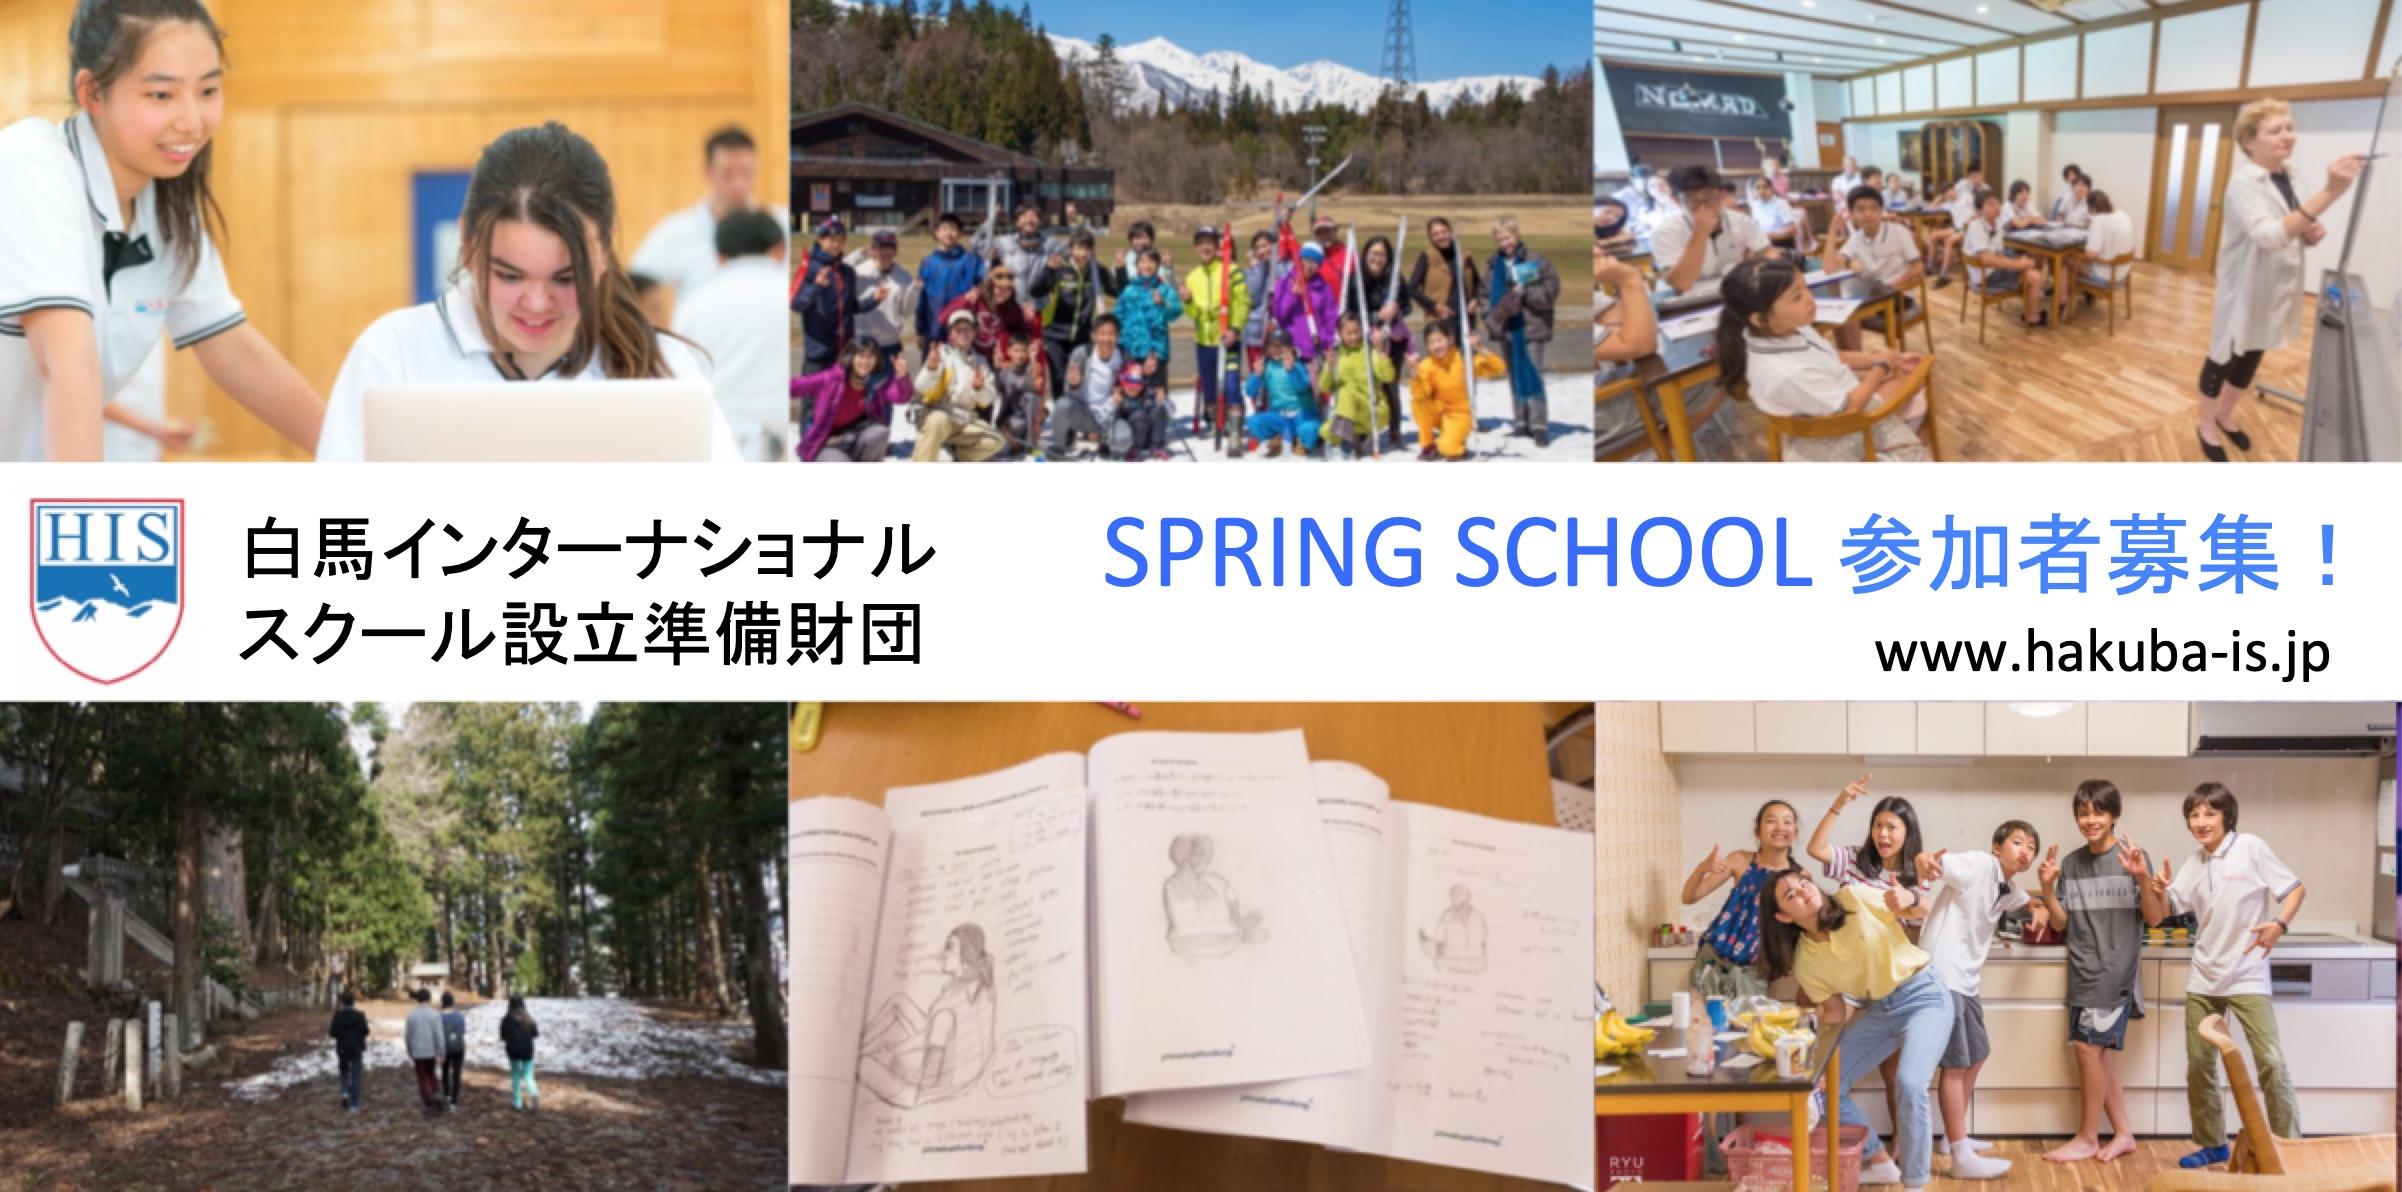 【12〜16歳対象】3月27日〜31日 白馬インターナショナルスクール設立準備財団がスプリングスクール参加者募集。白馬の大自然の中、英語でSDGsについて学んでみよう!